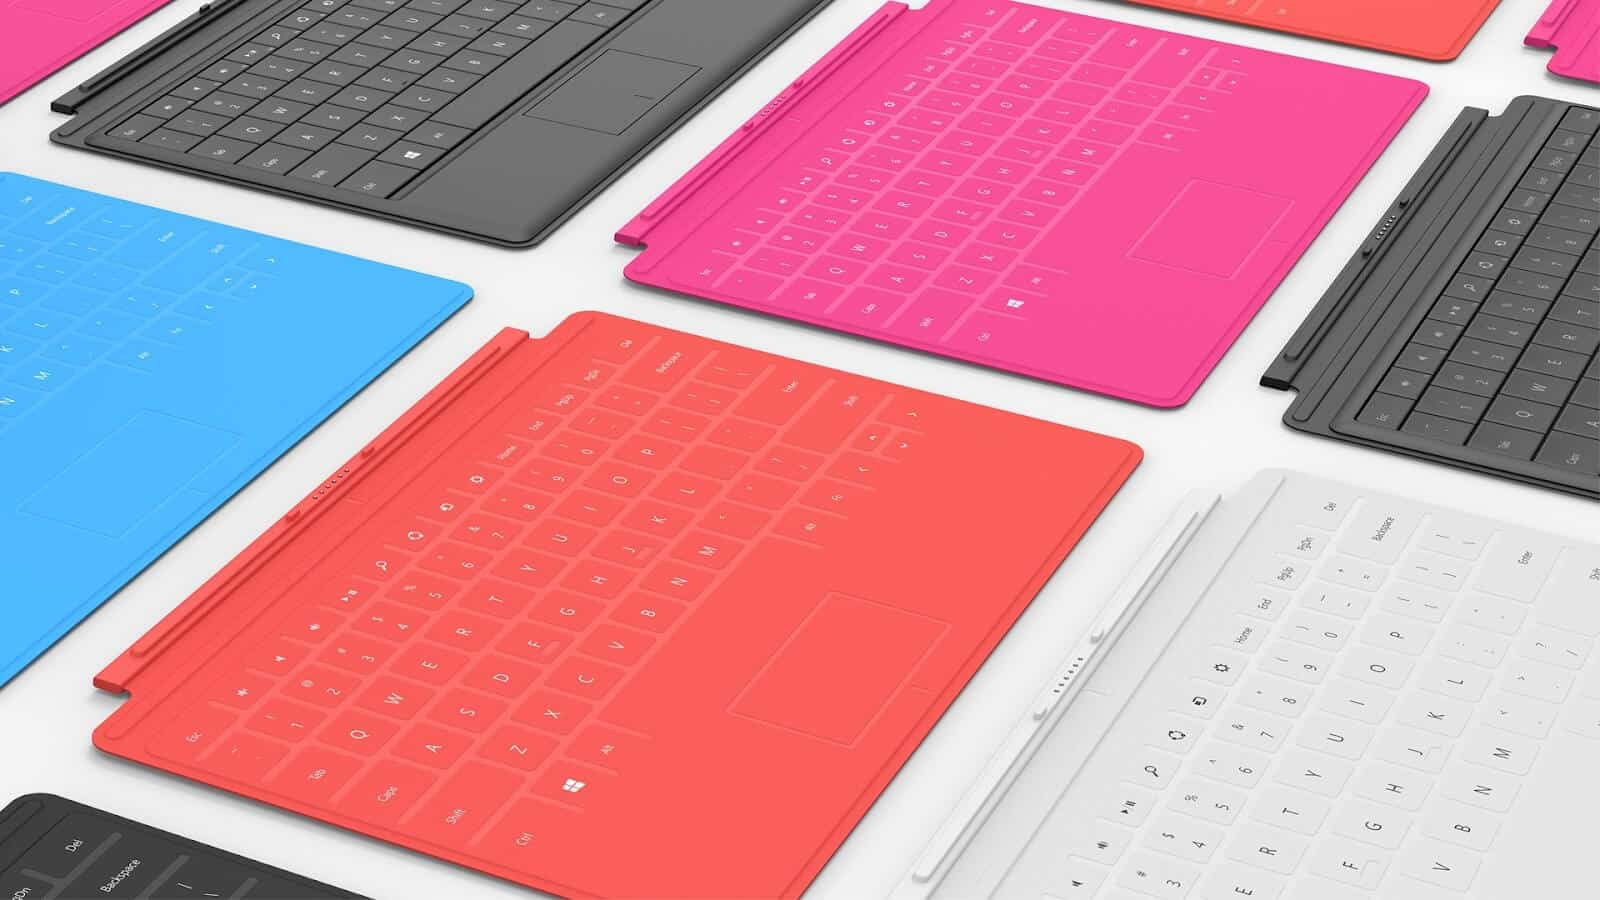 Type Cover tiếp tục được đánh giá là một trong những dòng phím tuyệt vời nhất